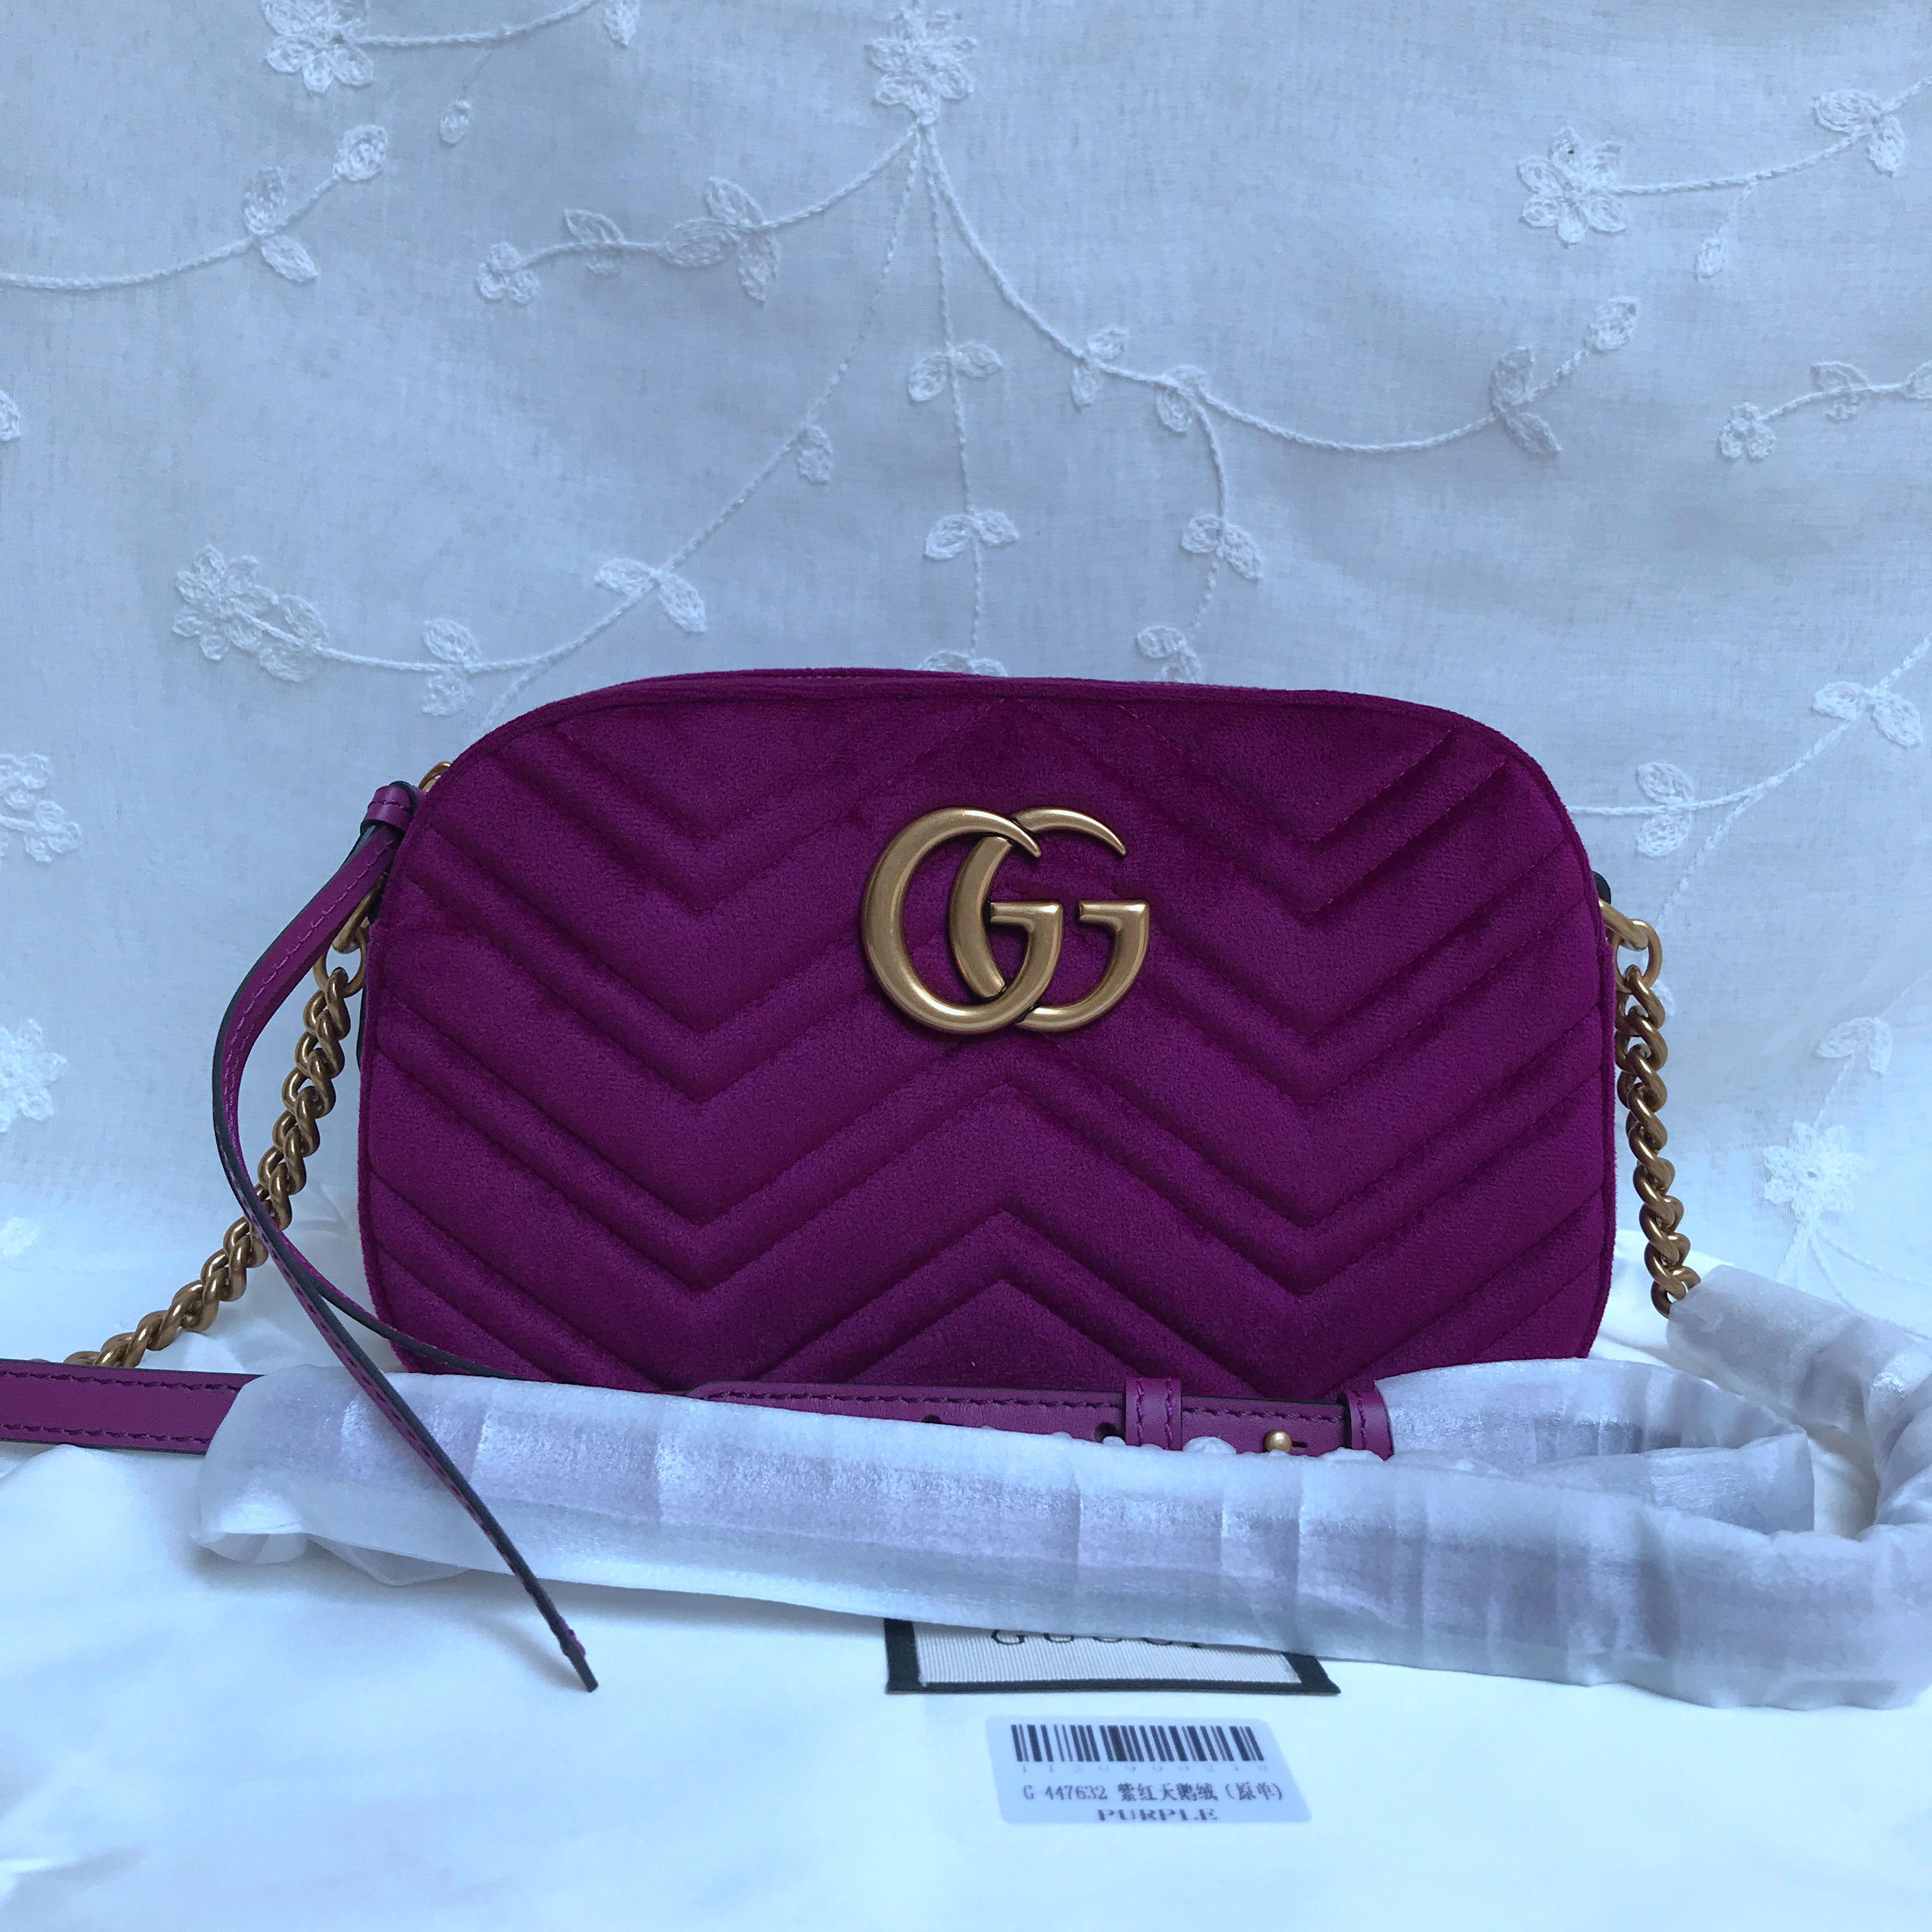 Gucci Marmont small shoulder bag 447632